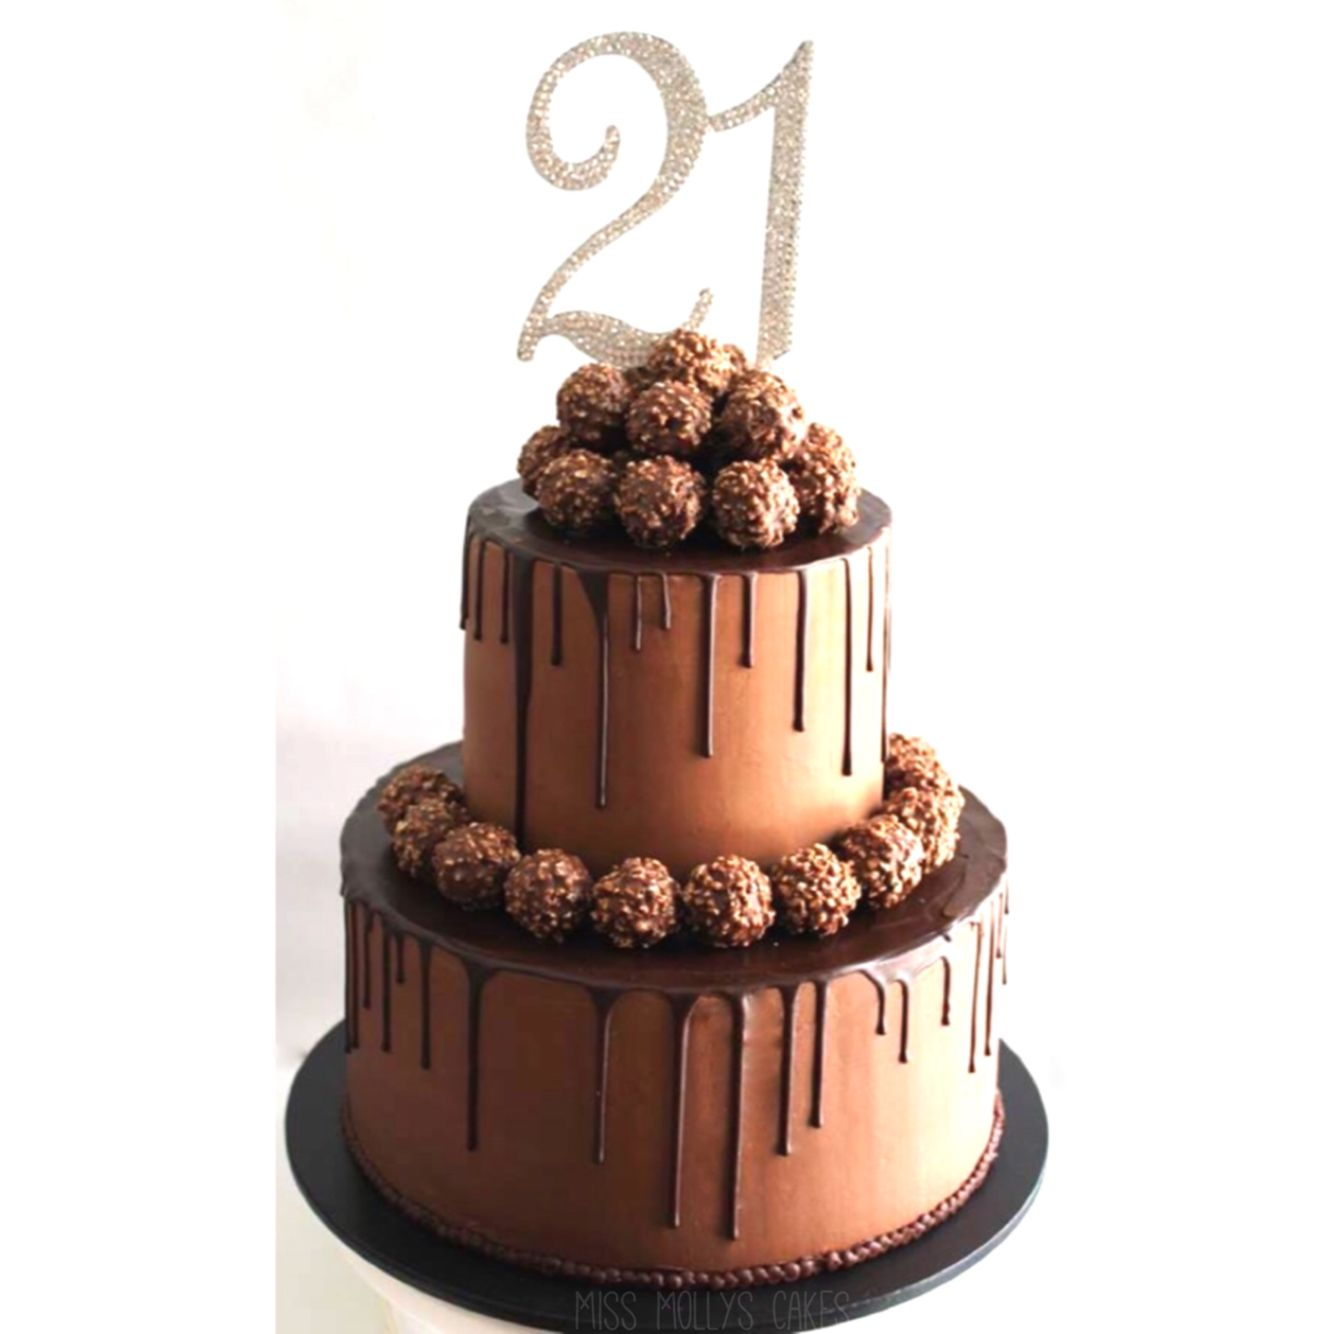 21st Birthday Ferrero Rocher Cake Missmollyscakes